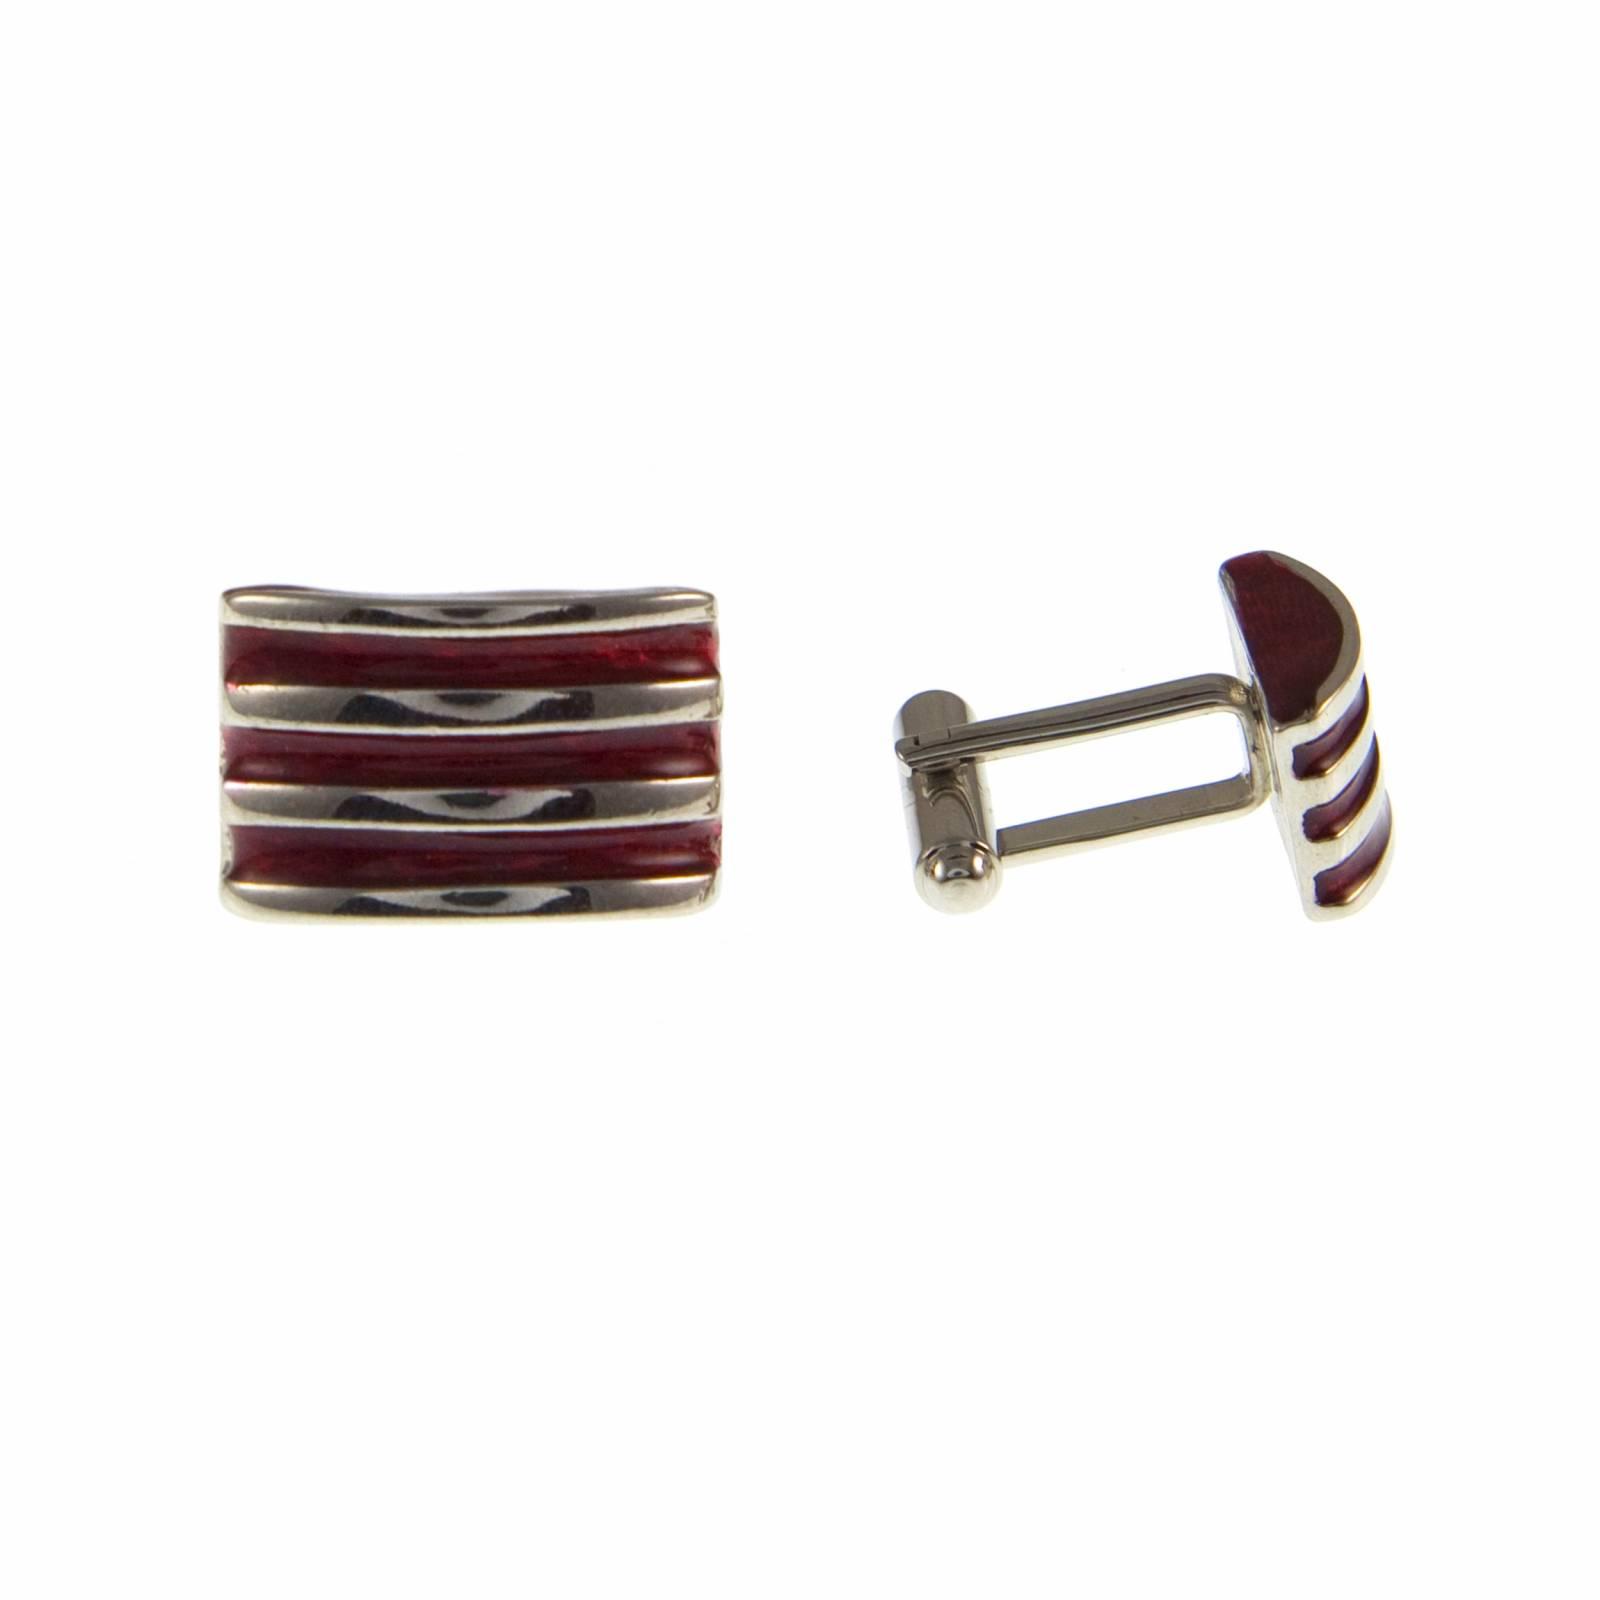 Vintage 1980s Ribbed Red Enamel Metal Cufflinks